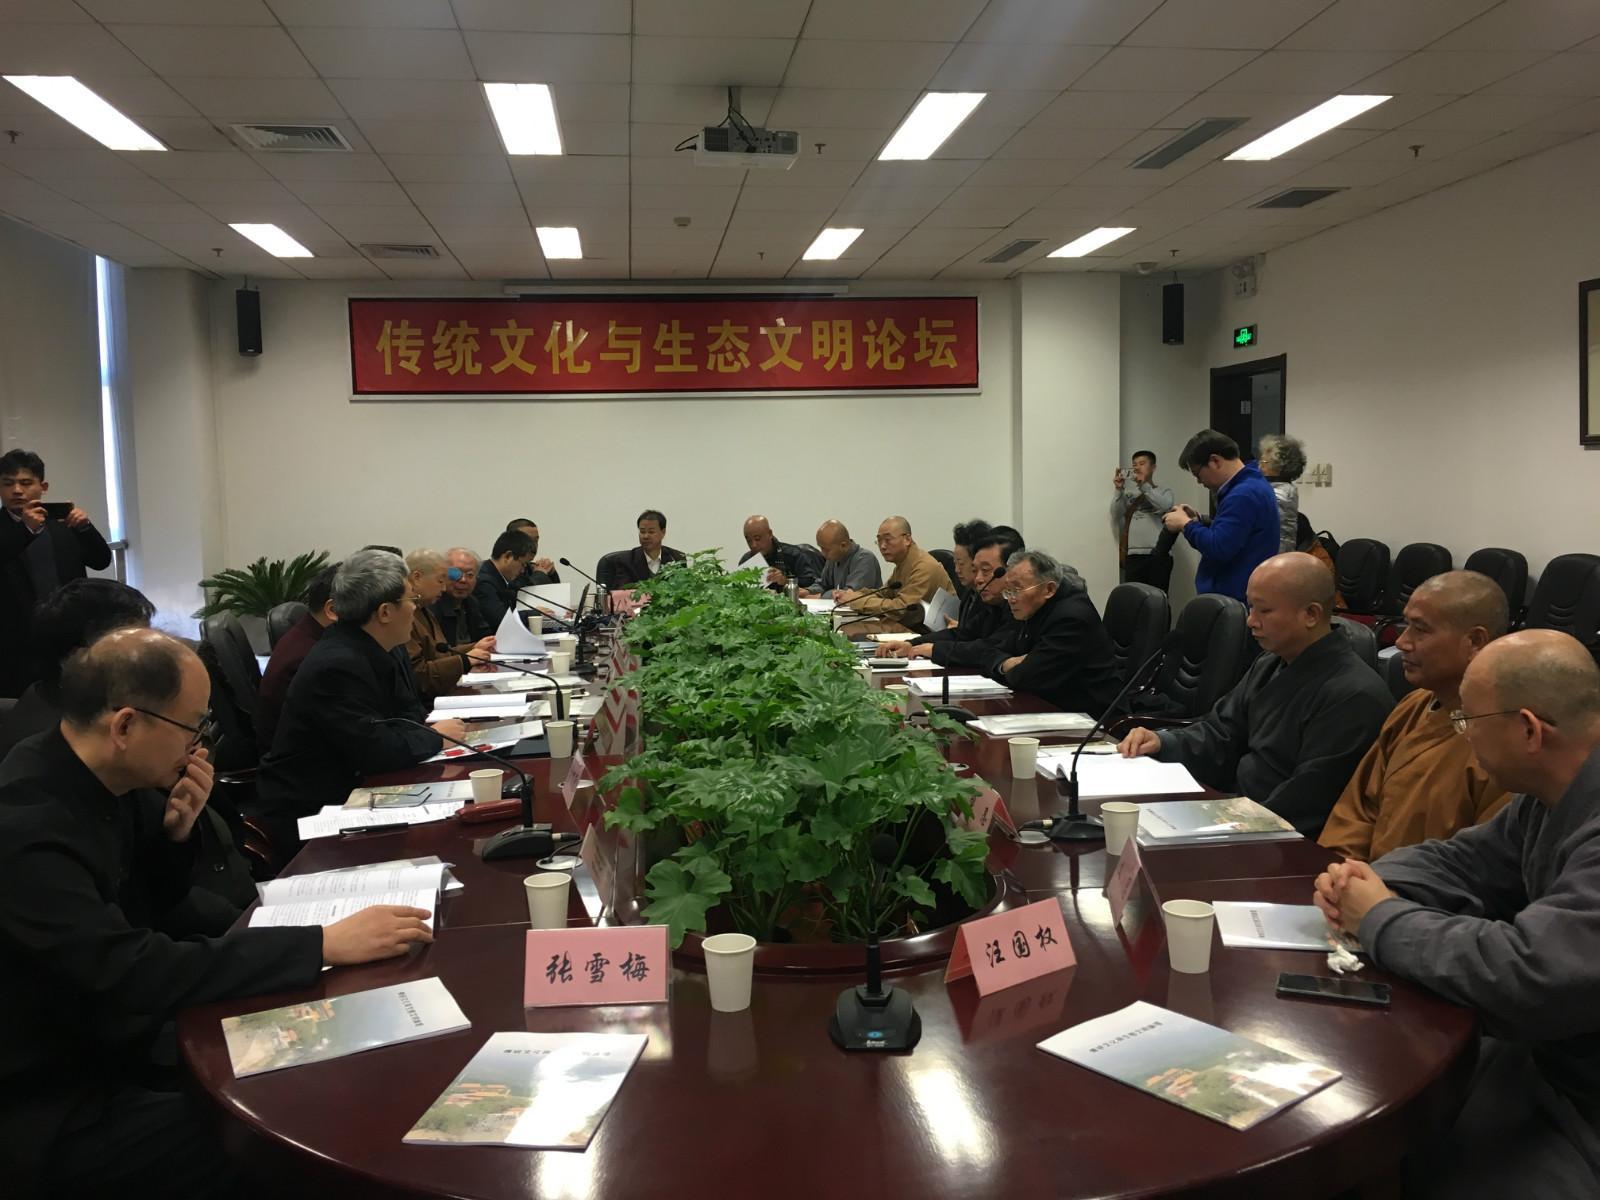 任重道远:传统文化与生态文明论坛在京举行